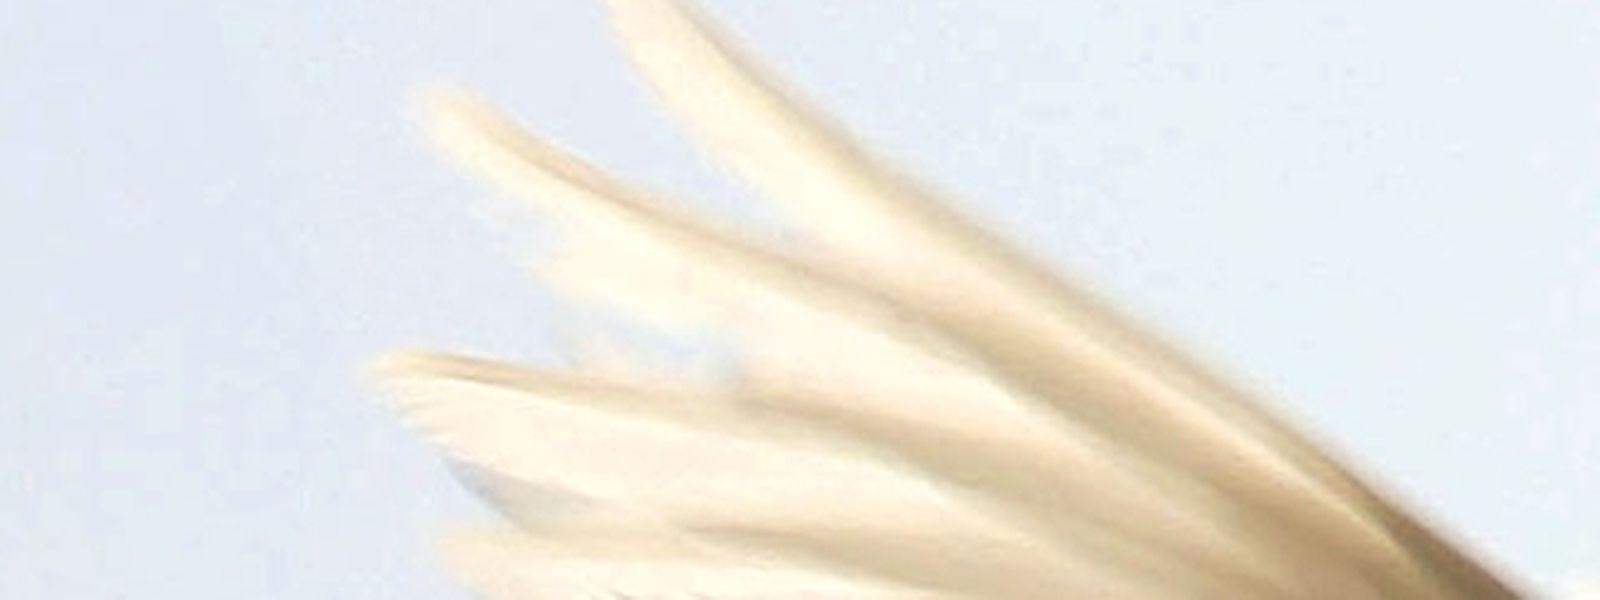 Gerade in stürmischen Zeiten ist es nicht einfach, den sanften Hauch des Heiligen Geistes wahrzunehmen.